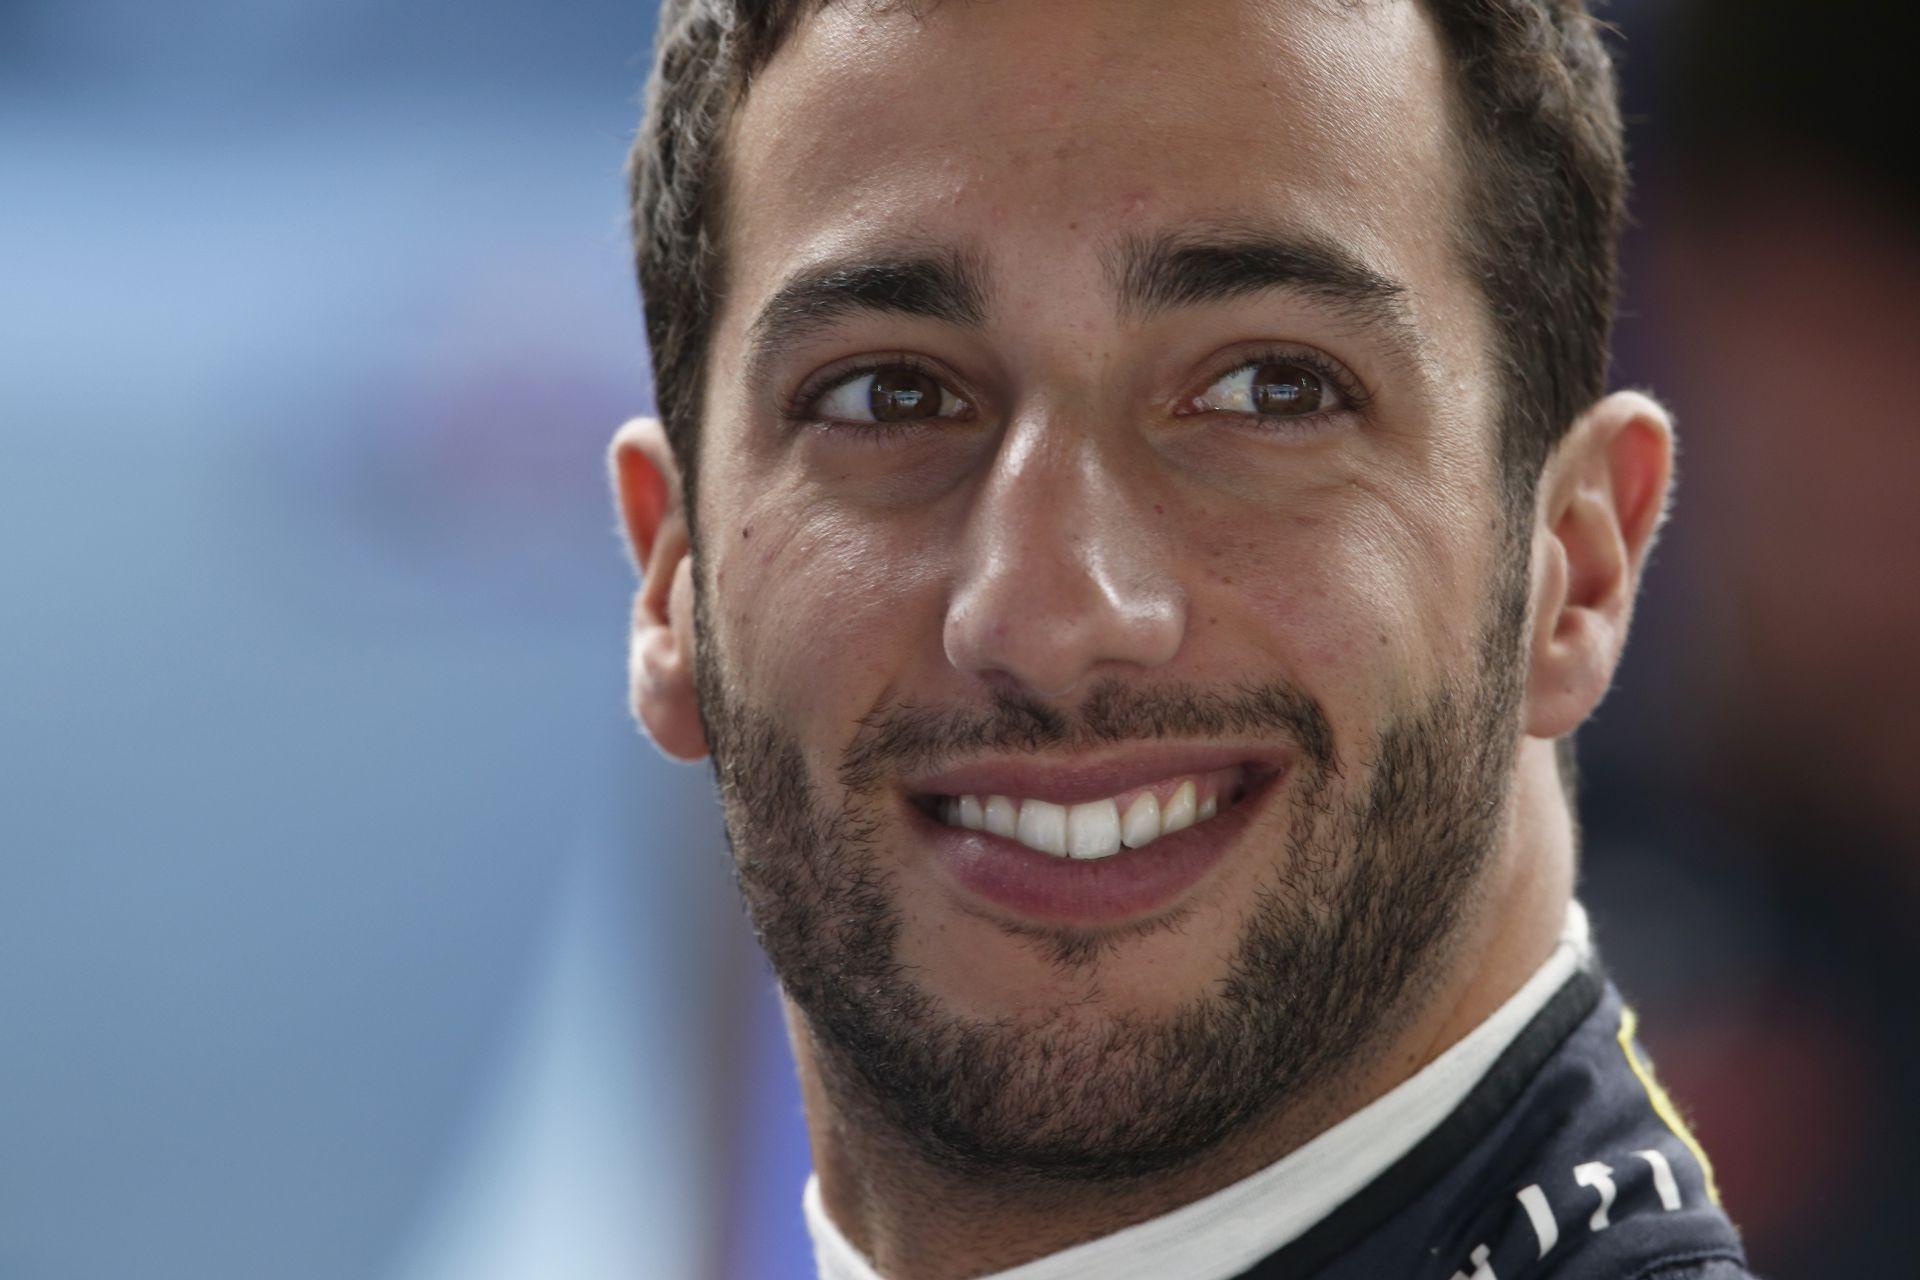 Durva, hogy Ricciardo mennyire nem tud énekelni - akkor miért próbálkozik?!